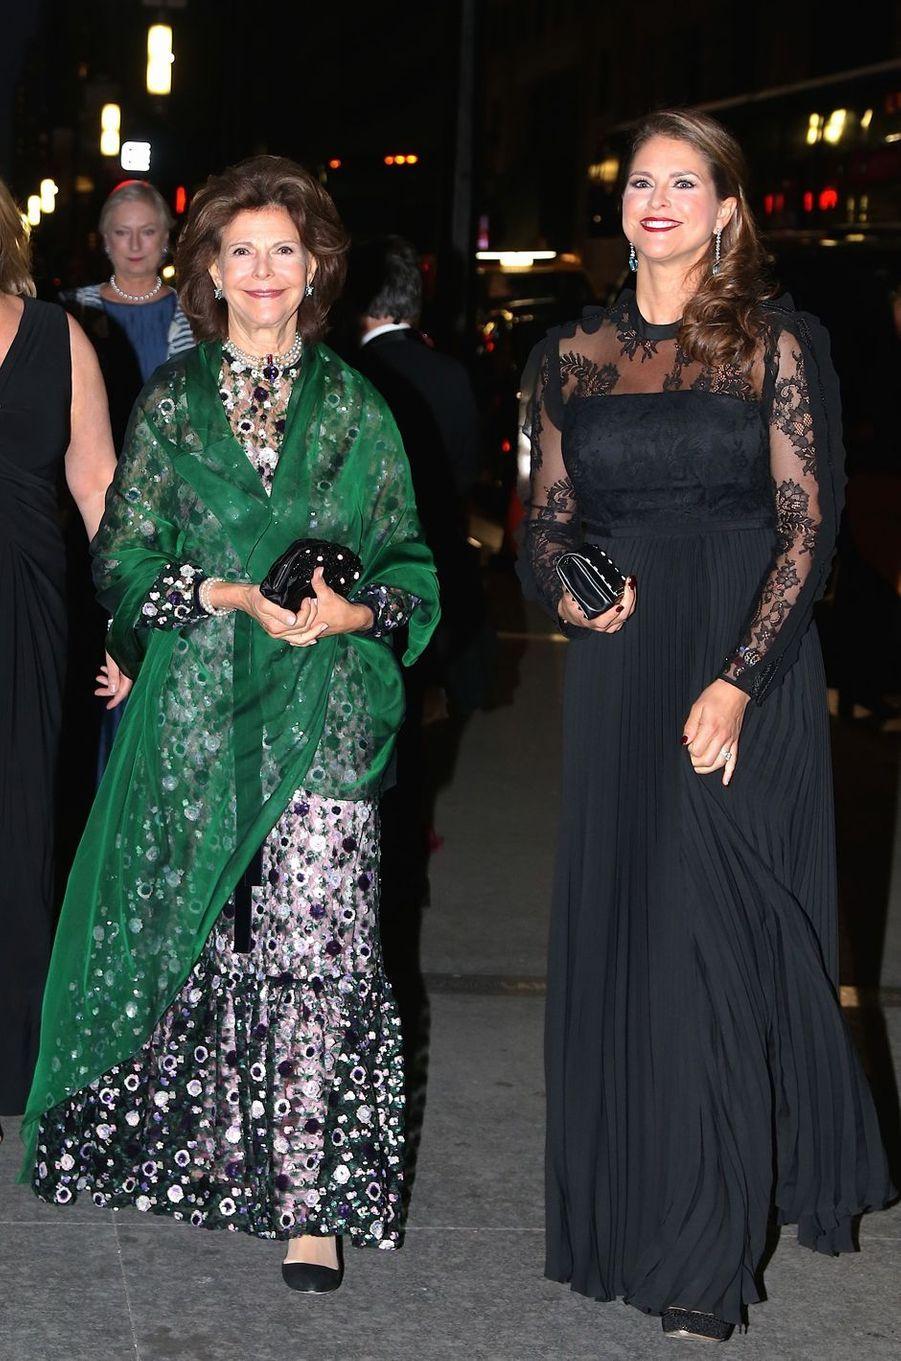 La reine Silvia et la princesse Madeleine de Suède à New York, le 2 octobre 2017